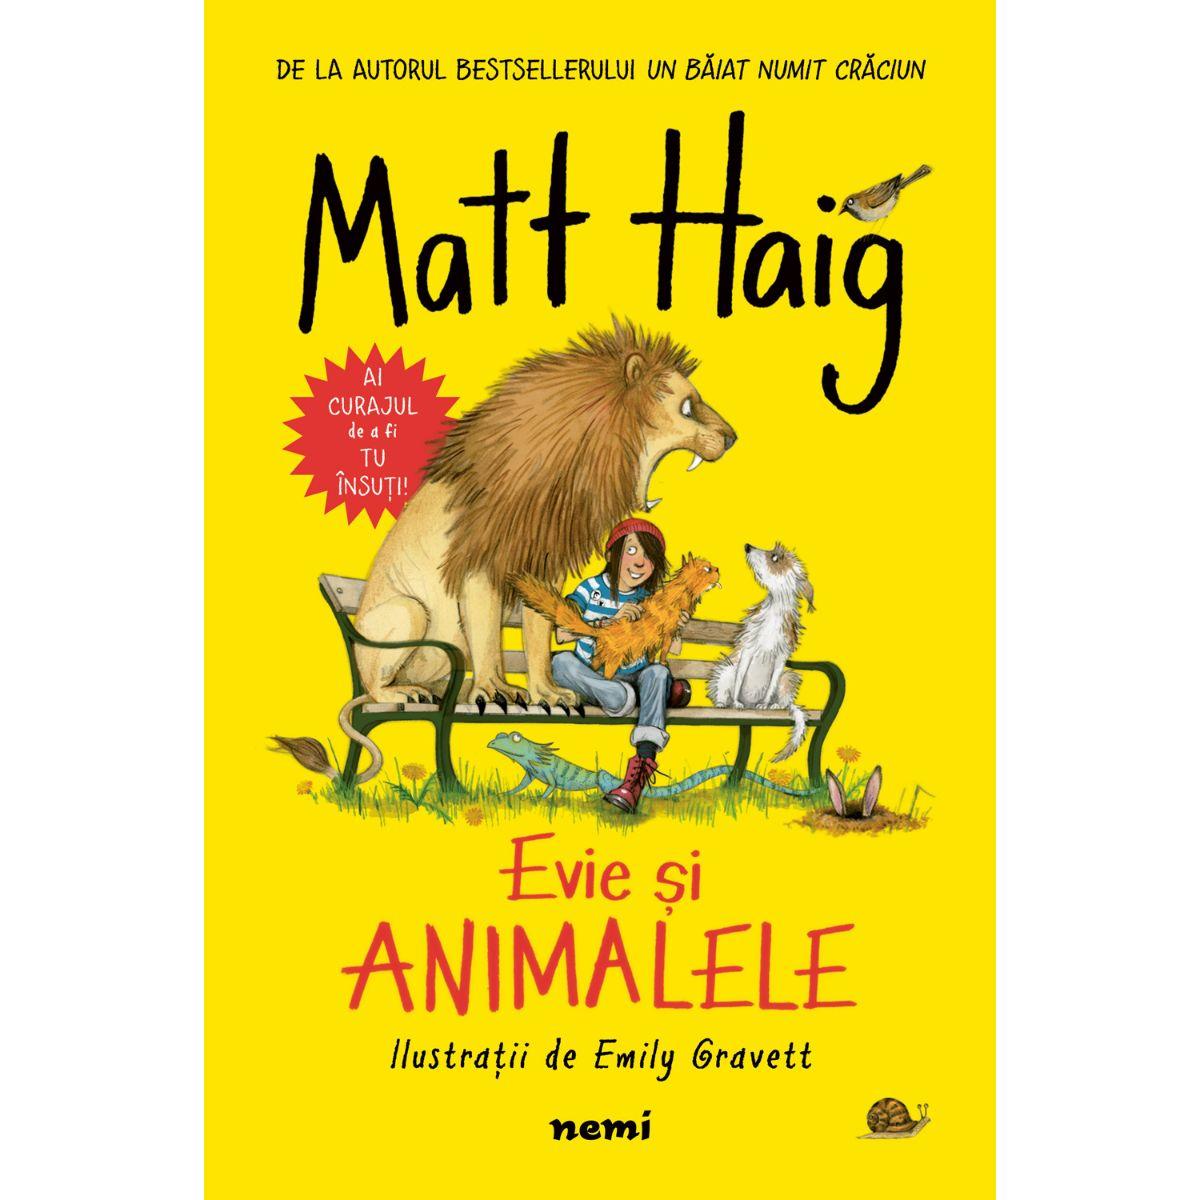 Evie si animalele, Emily Gravett, Matt Haig